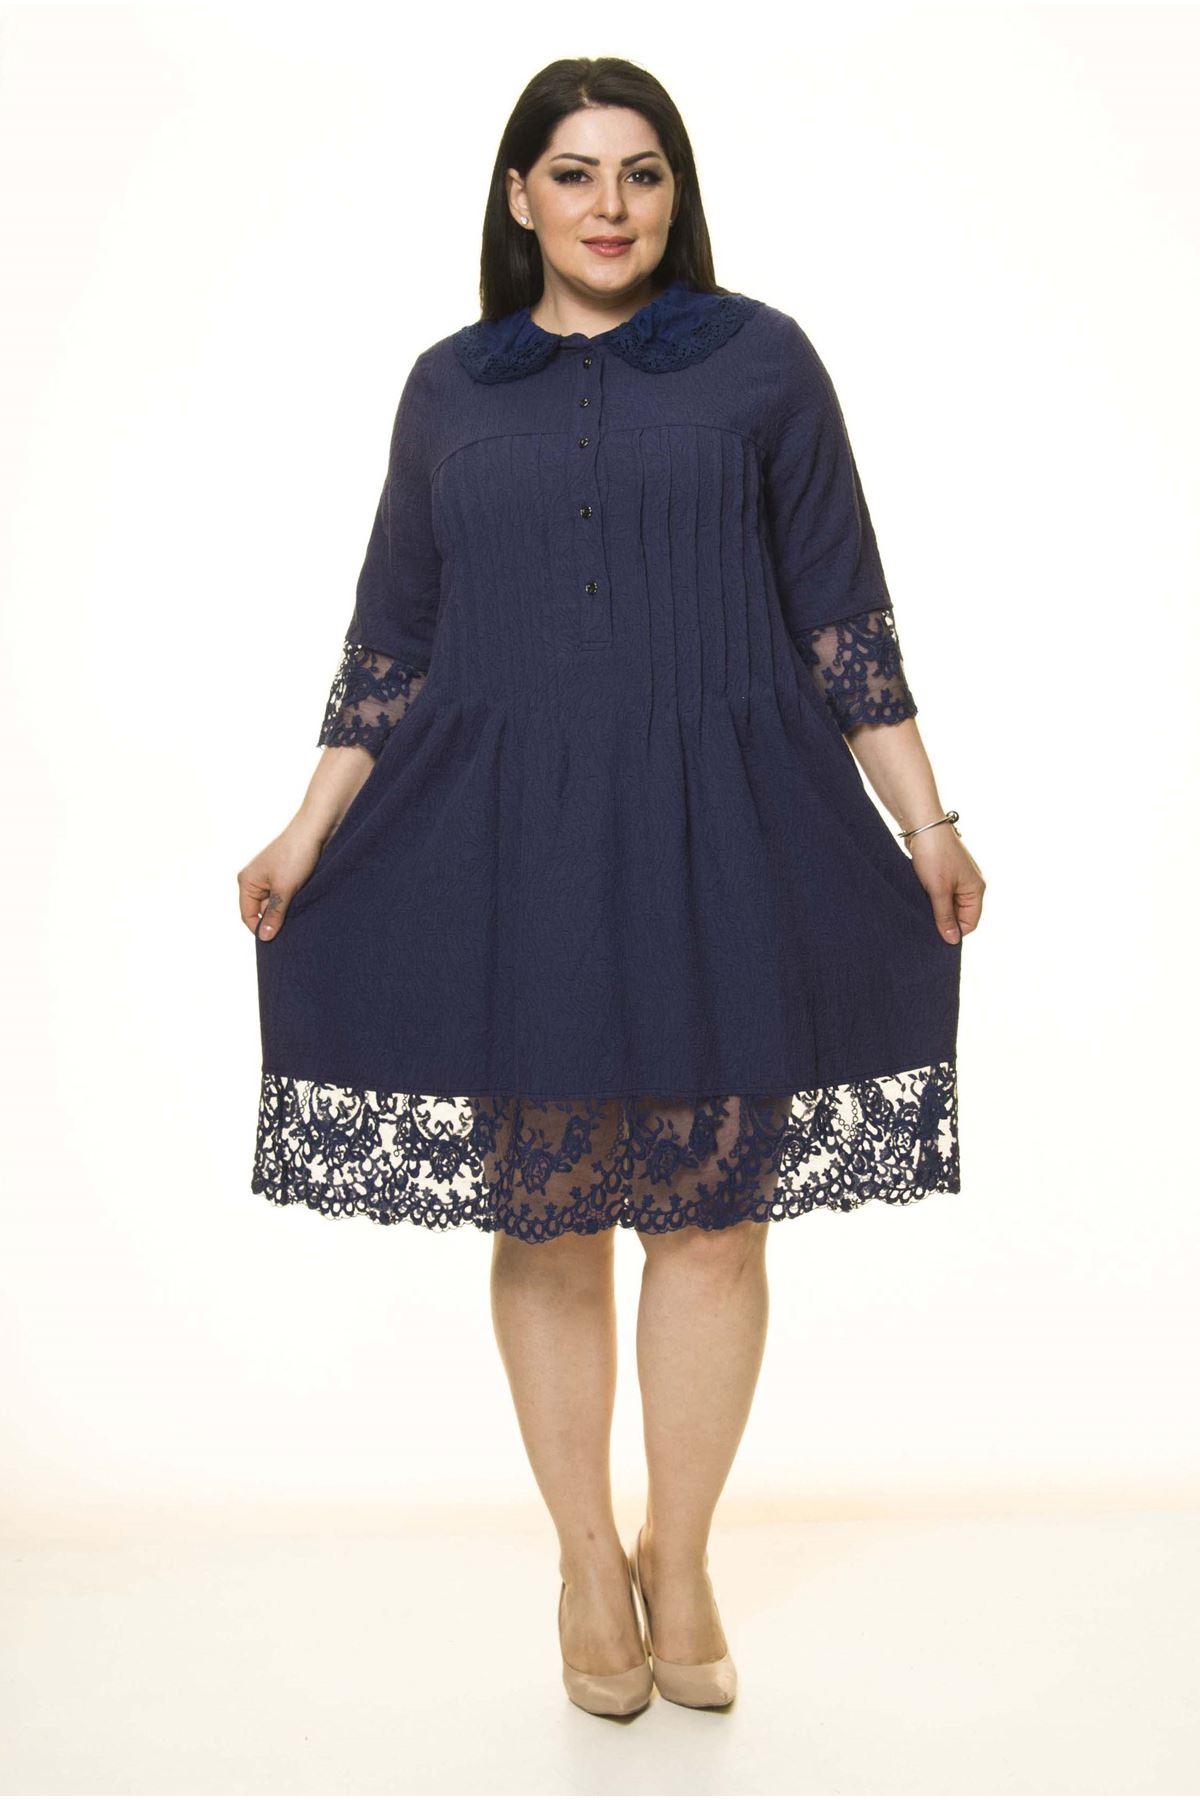 Lacivert Dantel Detaylı Büyük Beden Elbise G10-1669